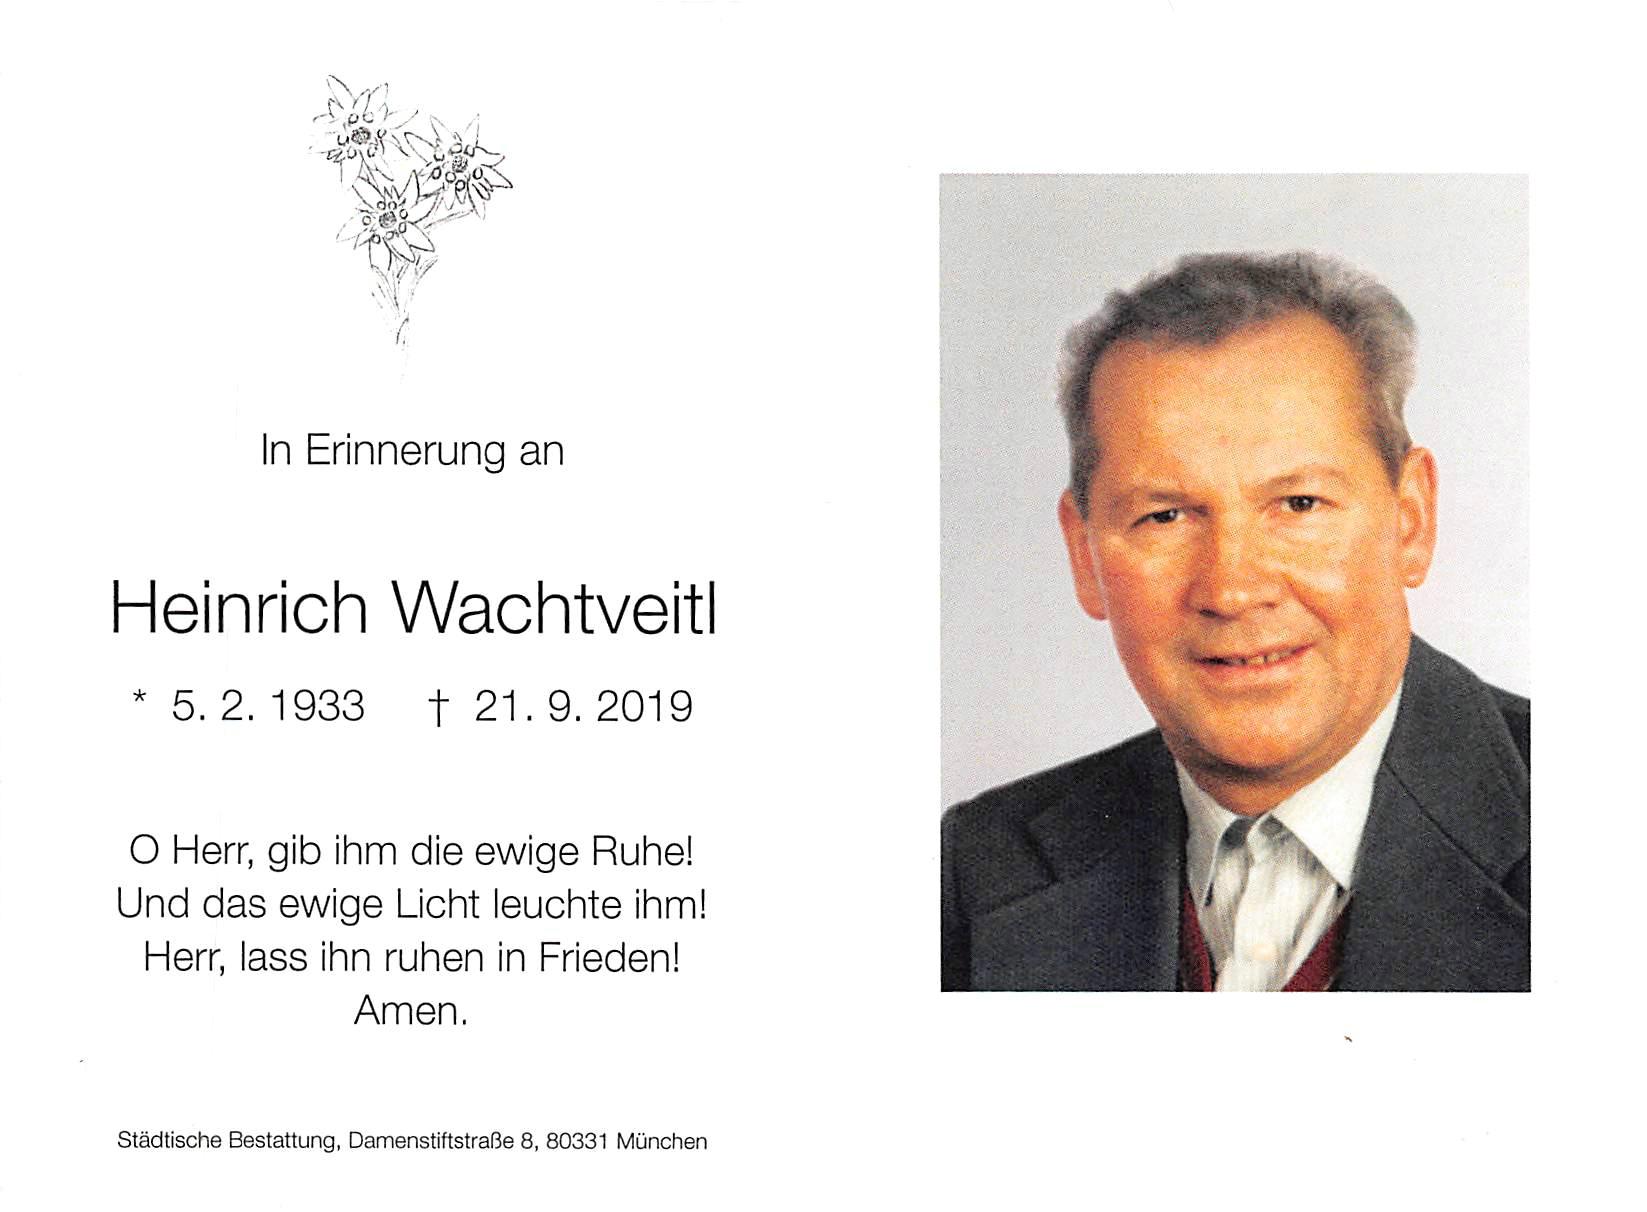 2019-09-21-Wachtveitl-Heinrich-München